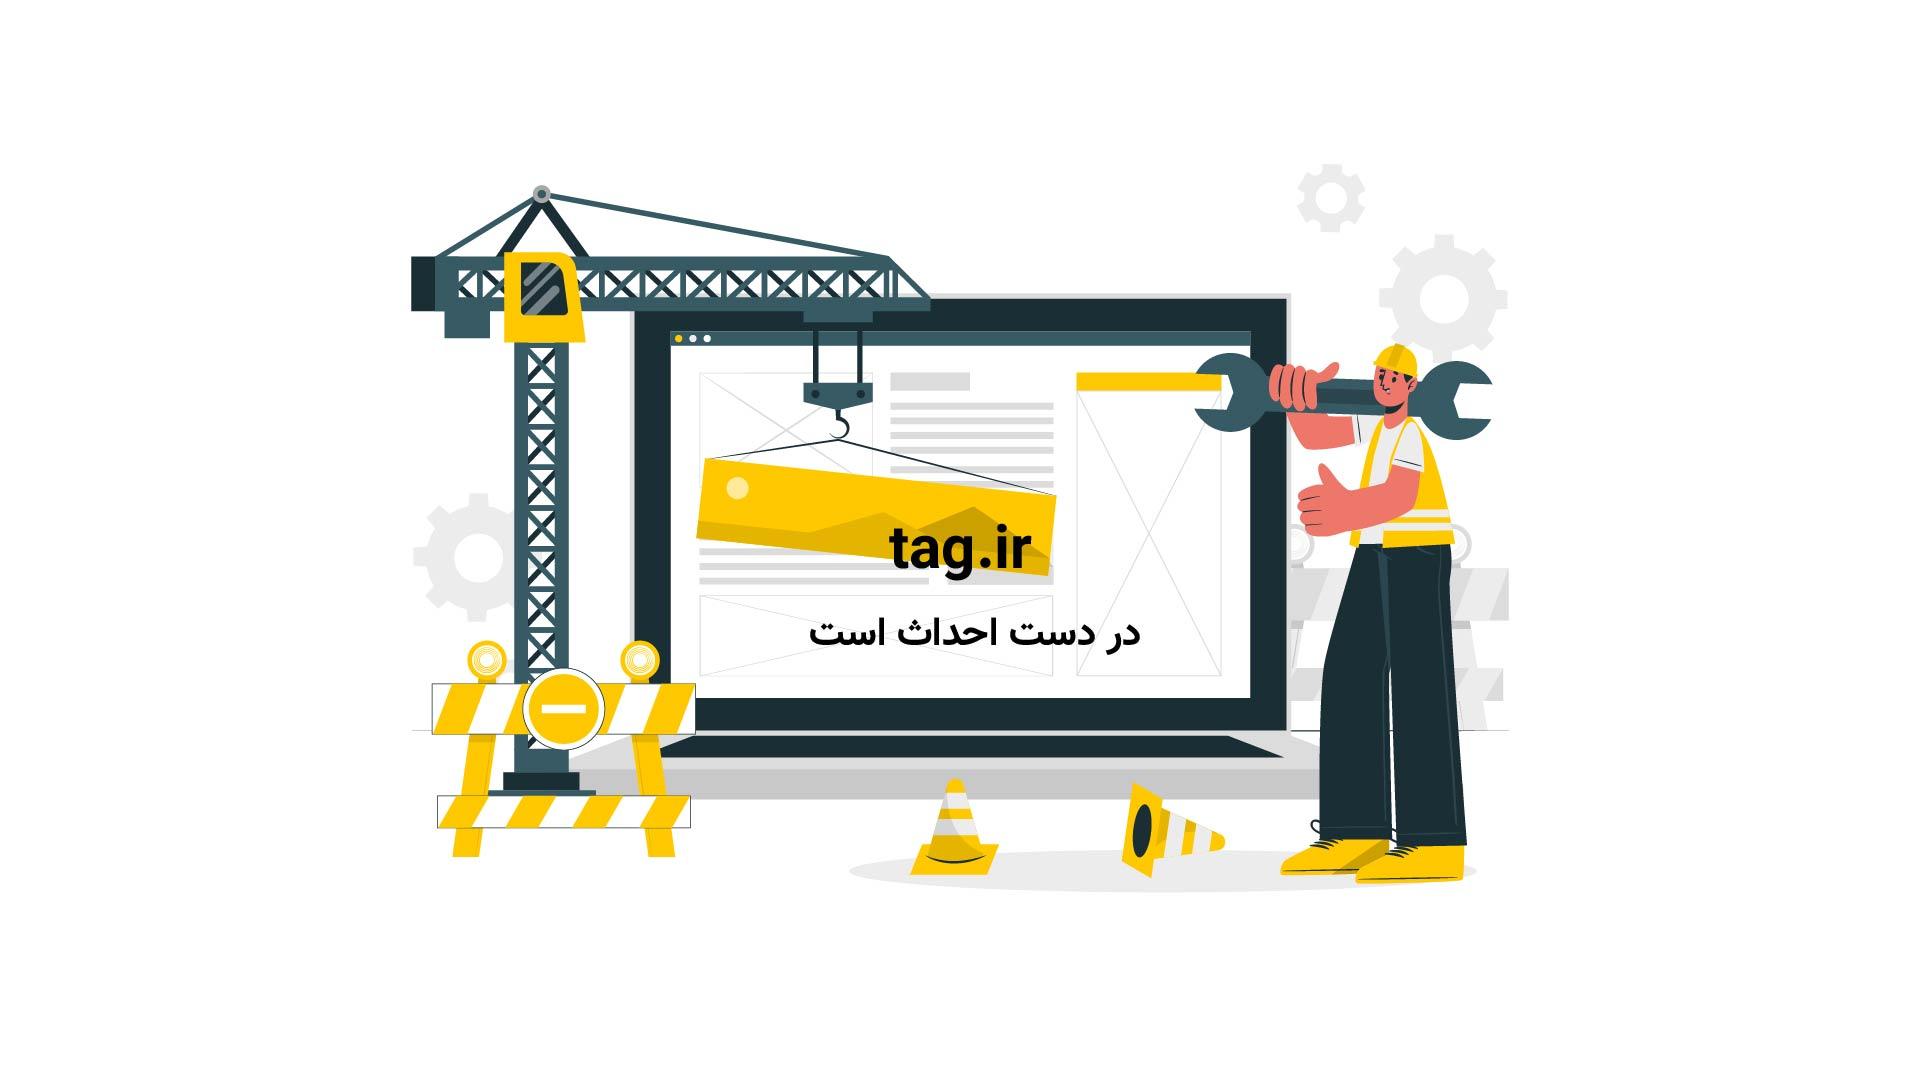 عناوین روزنامه های صبح شنبه 3 تیر | فیلم